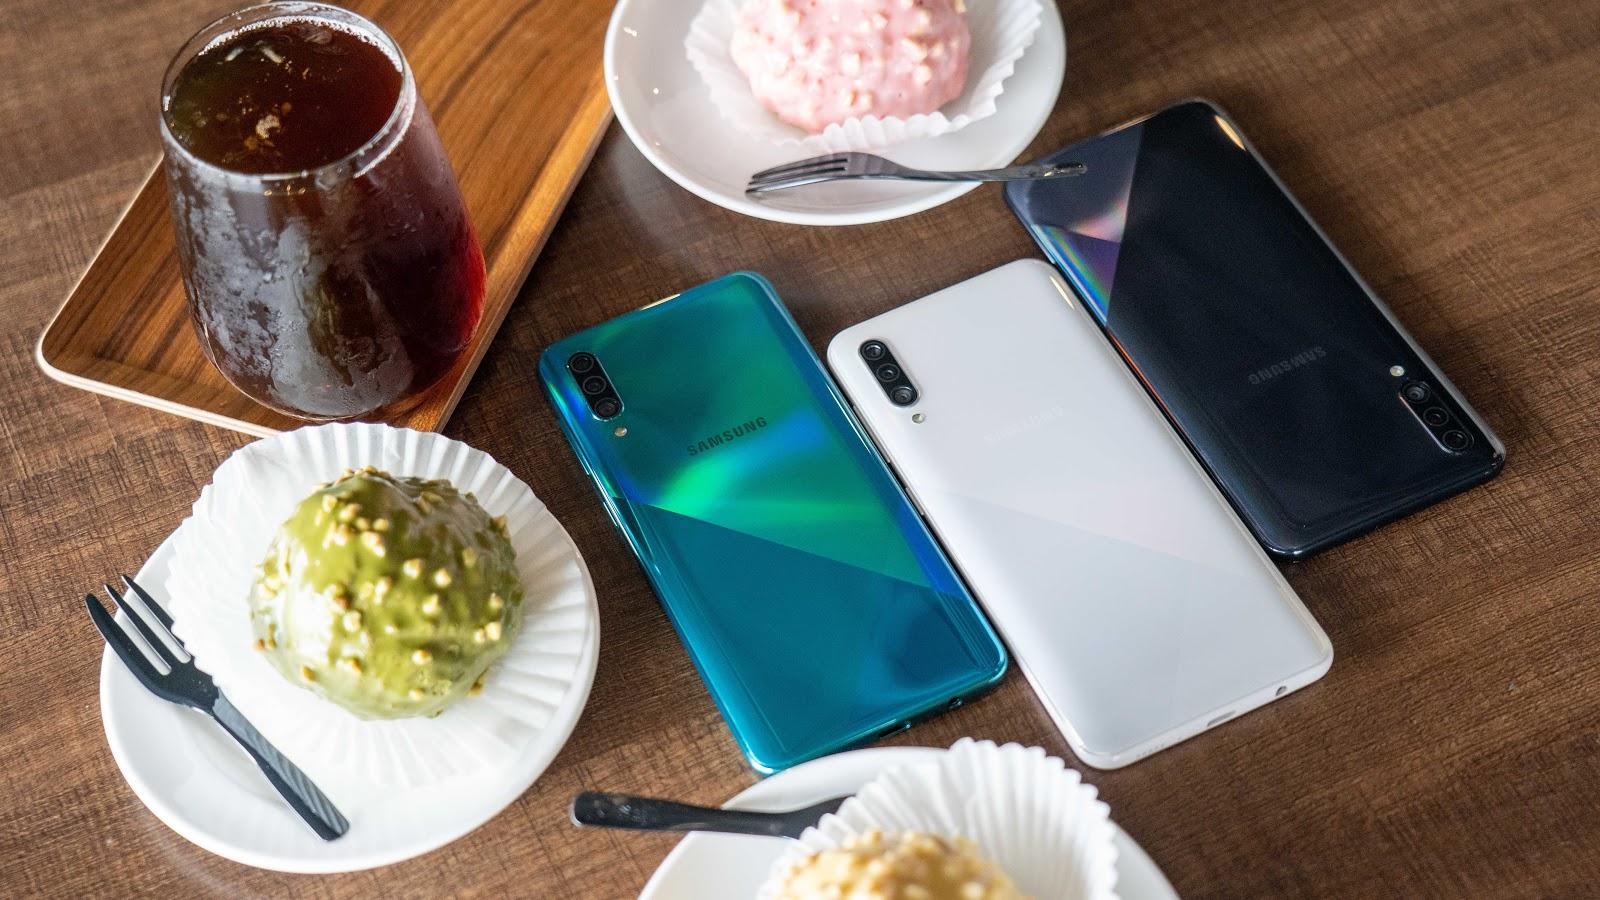 九千以下的手機選什麼?三星 Samsung Galaxy A30s 平價同時擁有旗艦規格! 駁二一日遊~ - 1